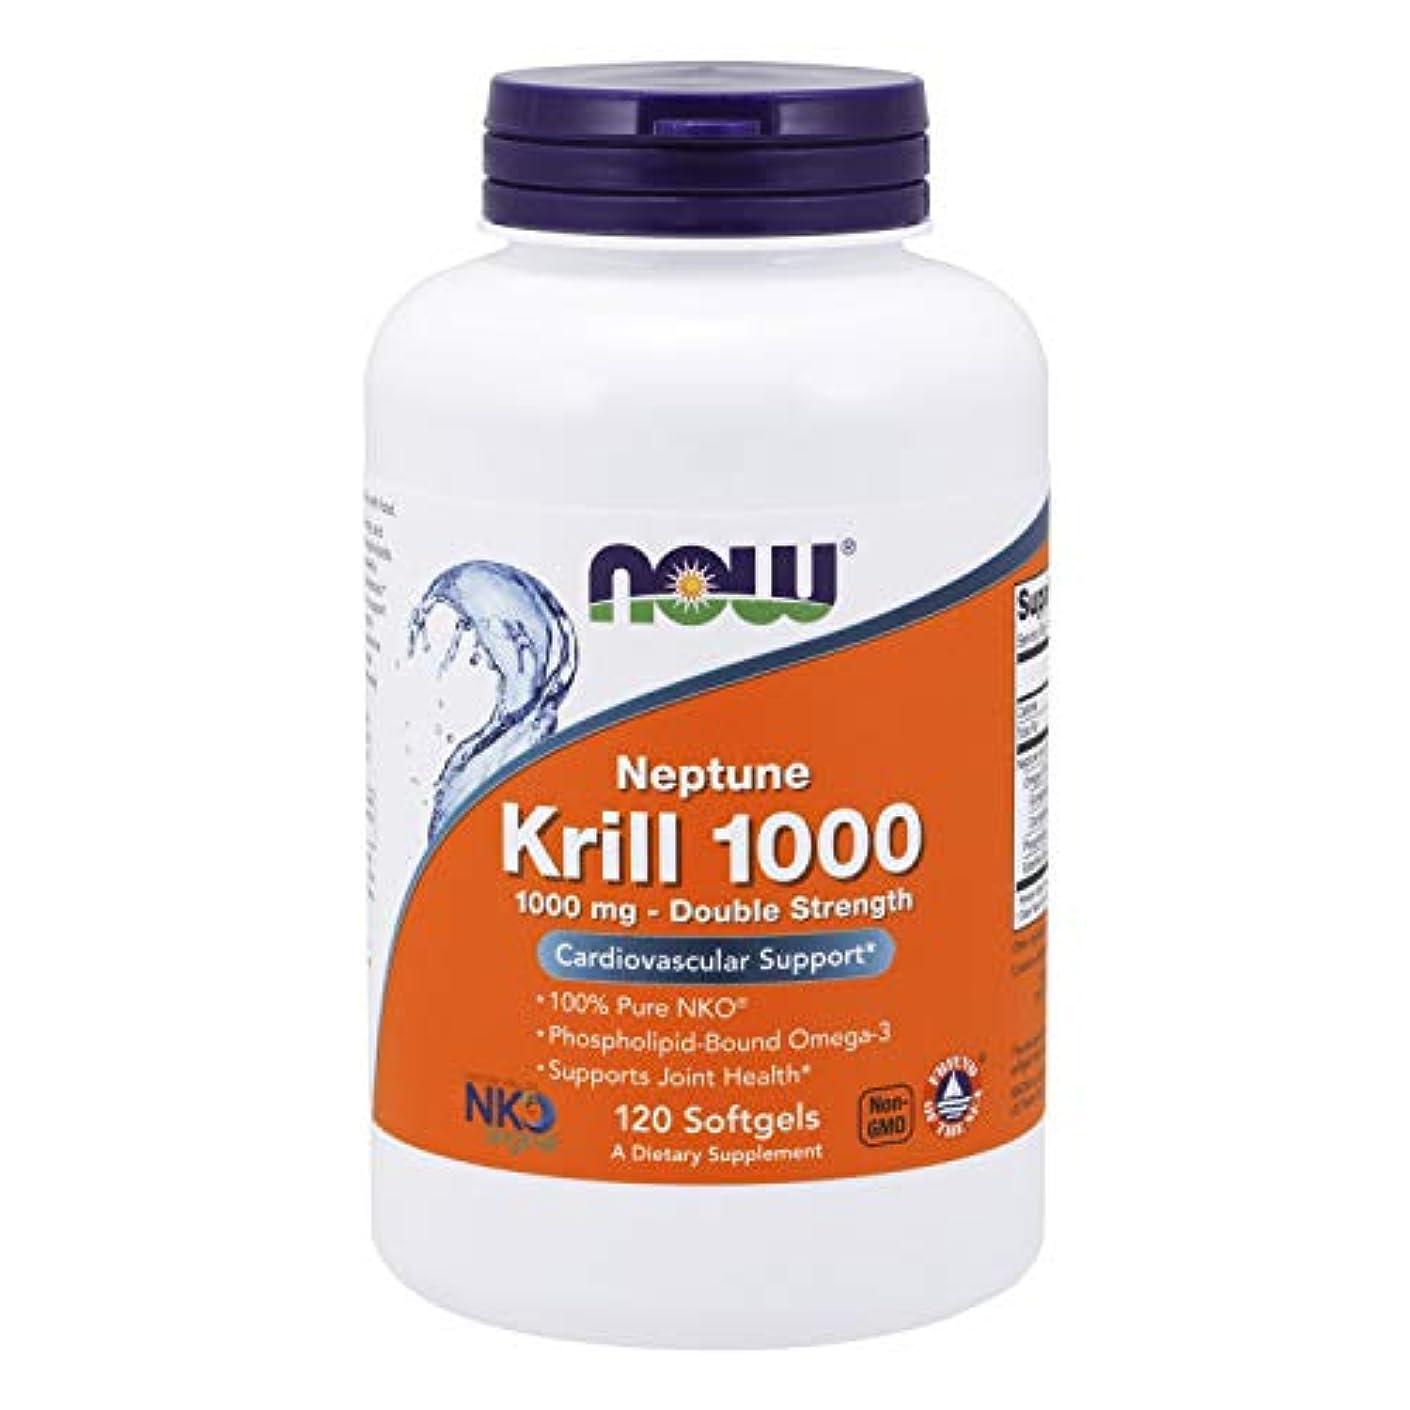 シフト憤る花弁Now Foods, ネプチューンクリル 1000、1000 mg、ソフトジェル120粒 [海外直送品]